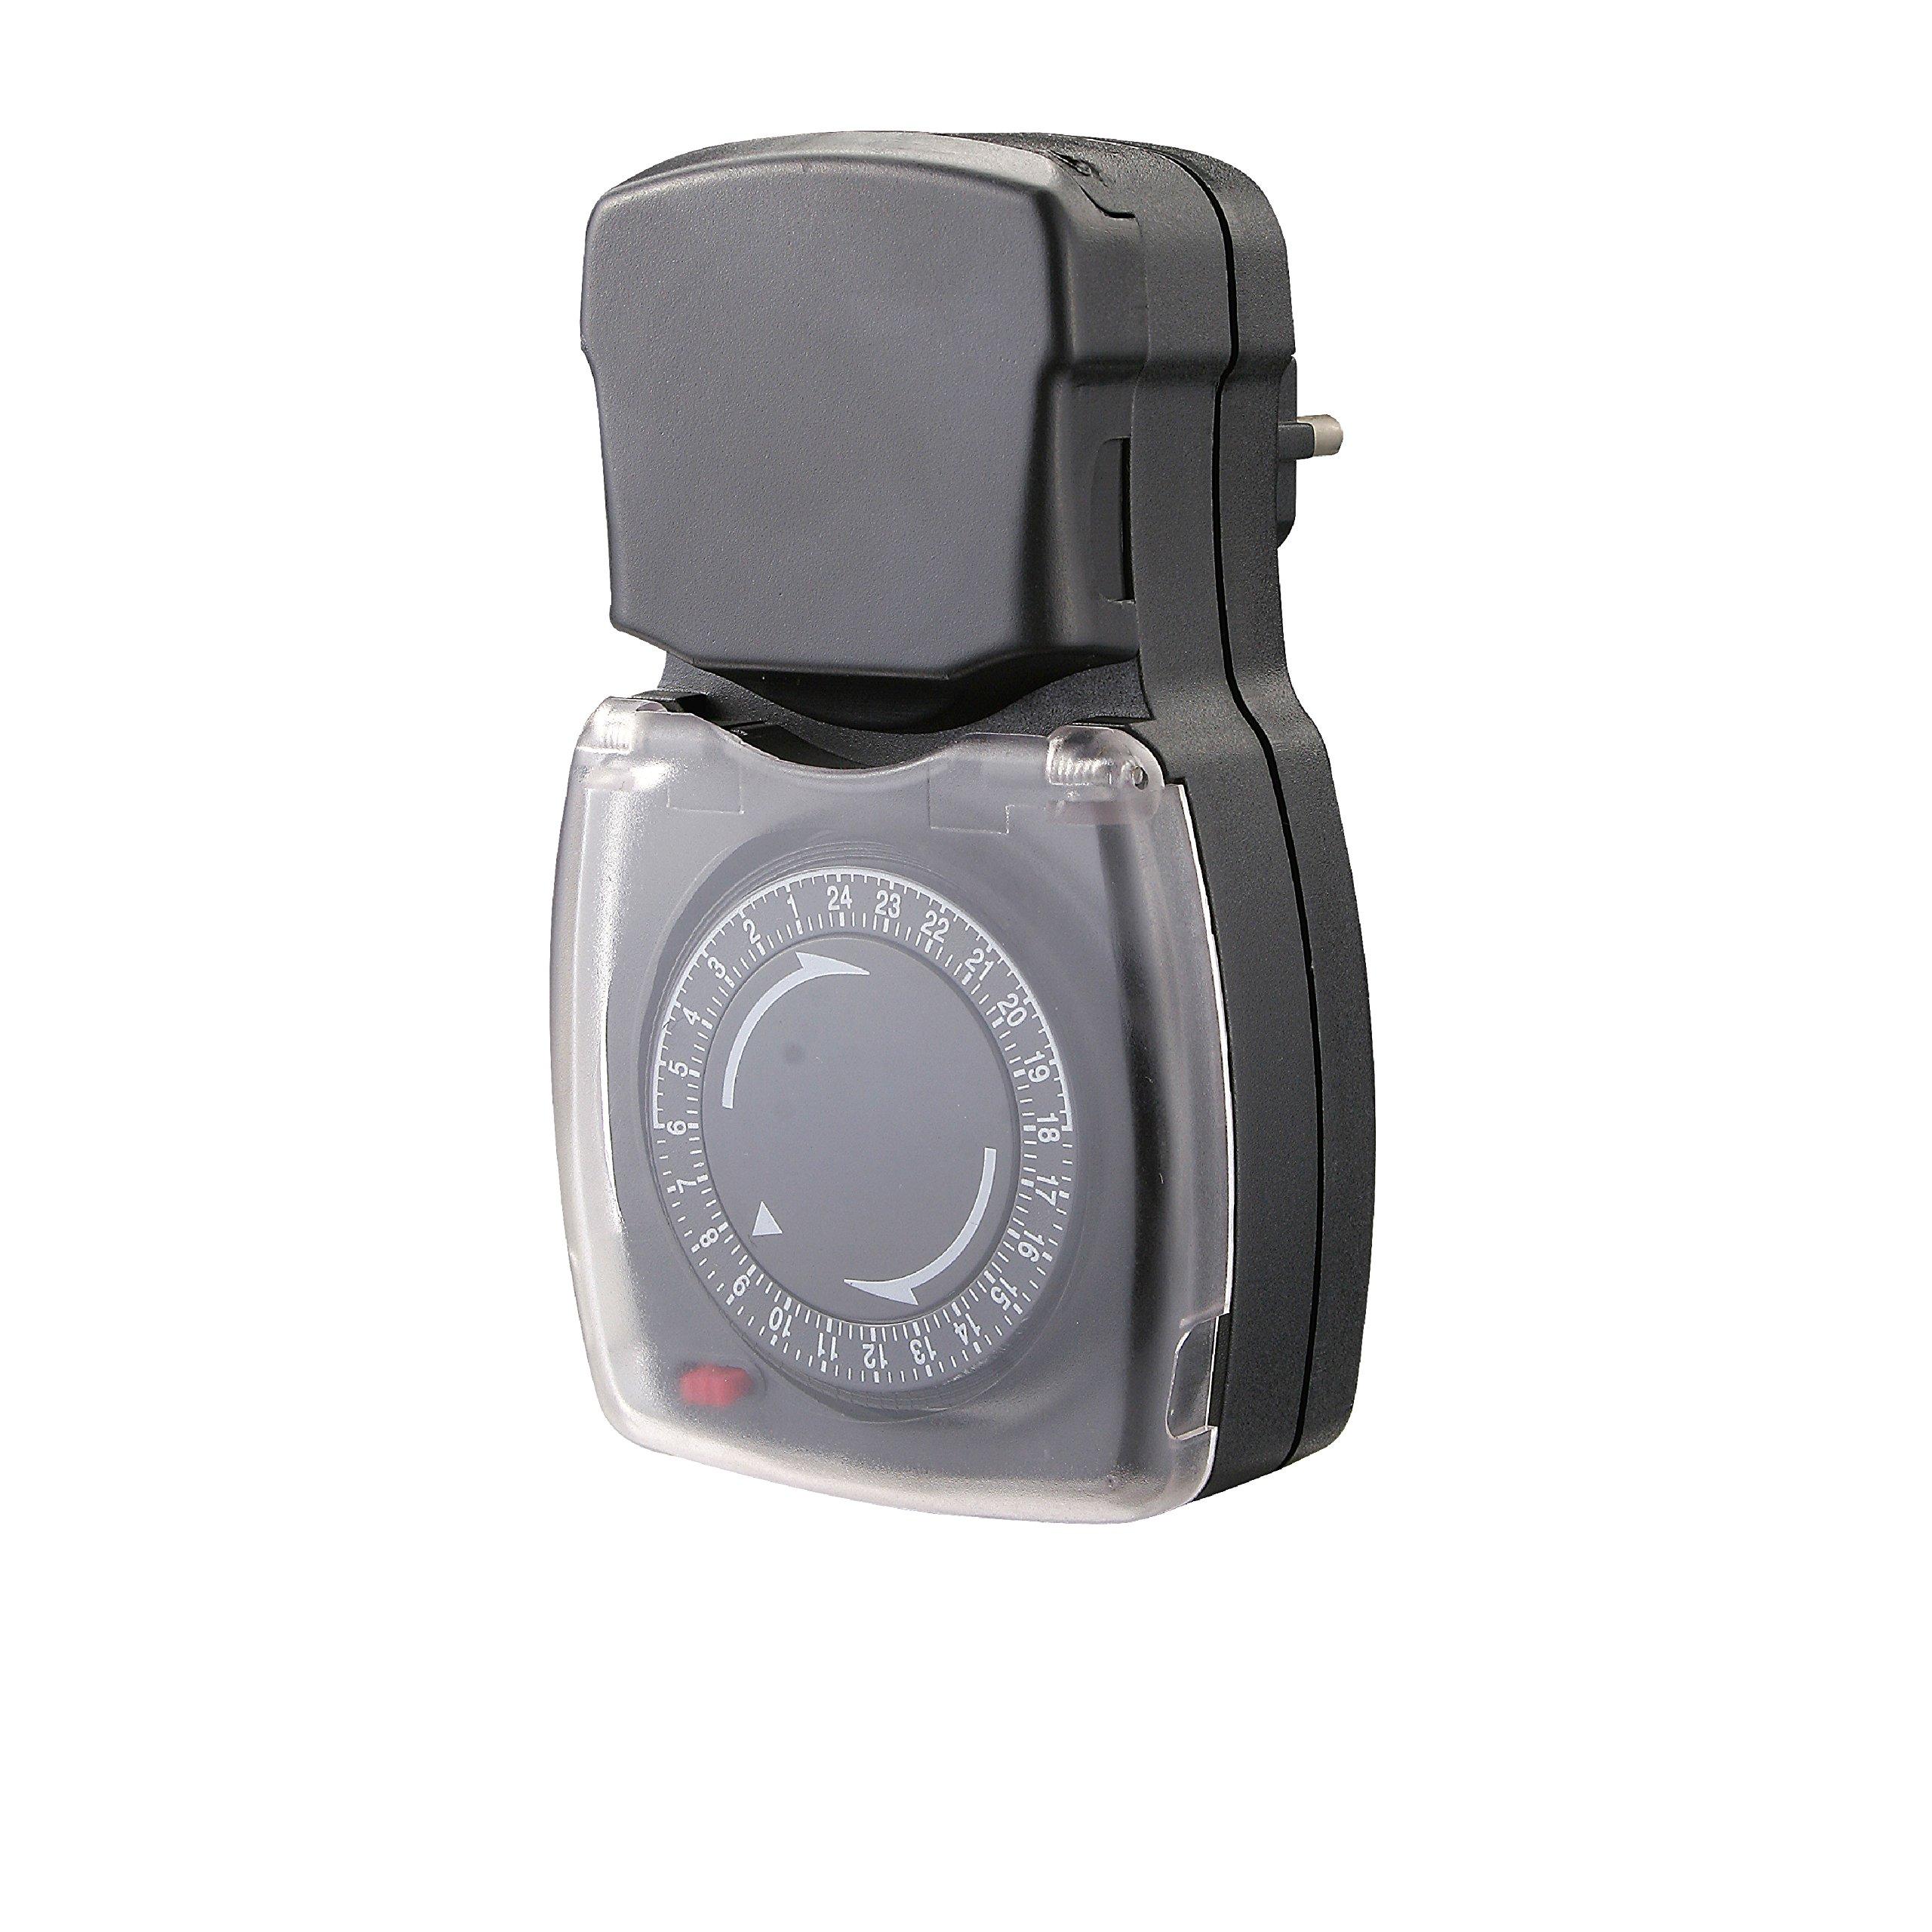 Chacon 54008 Programmateur mécanique étanche, Noir product image